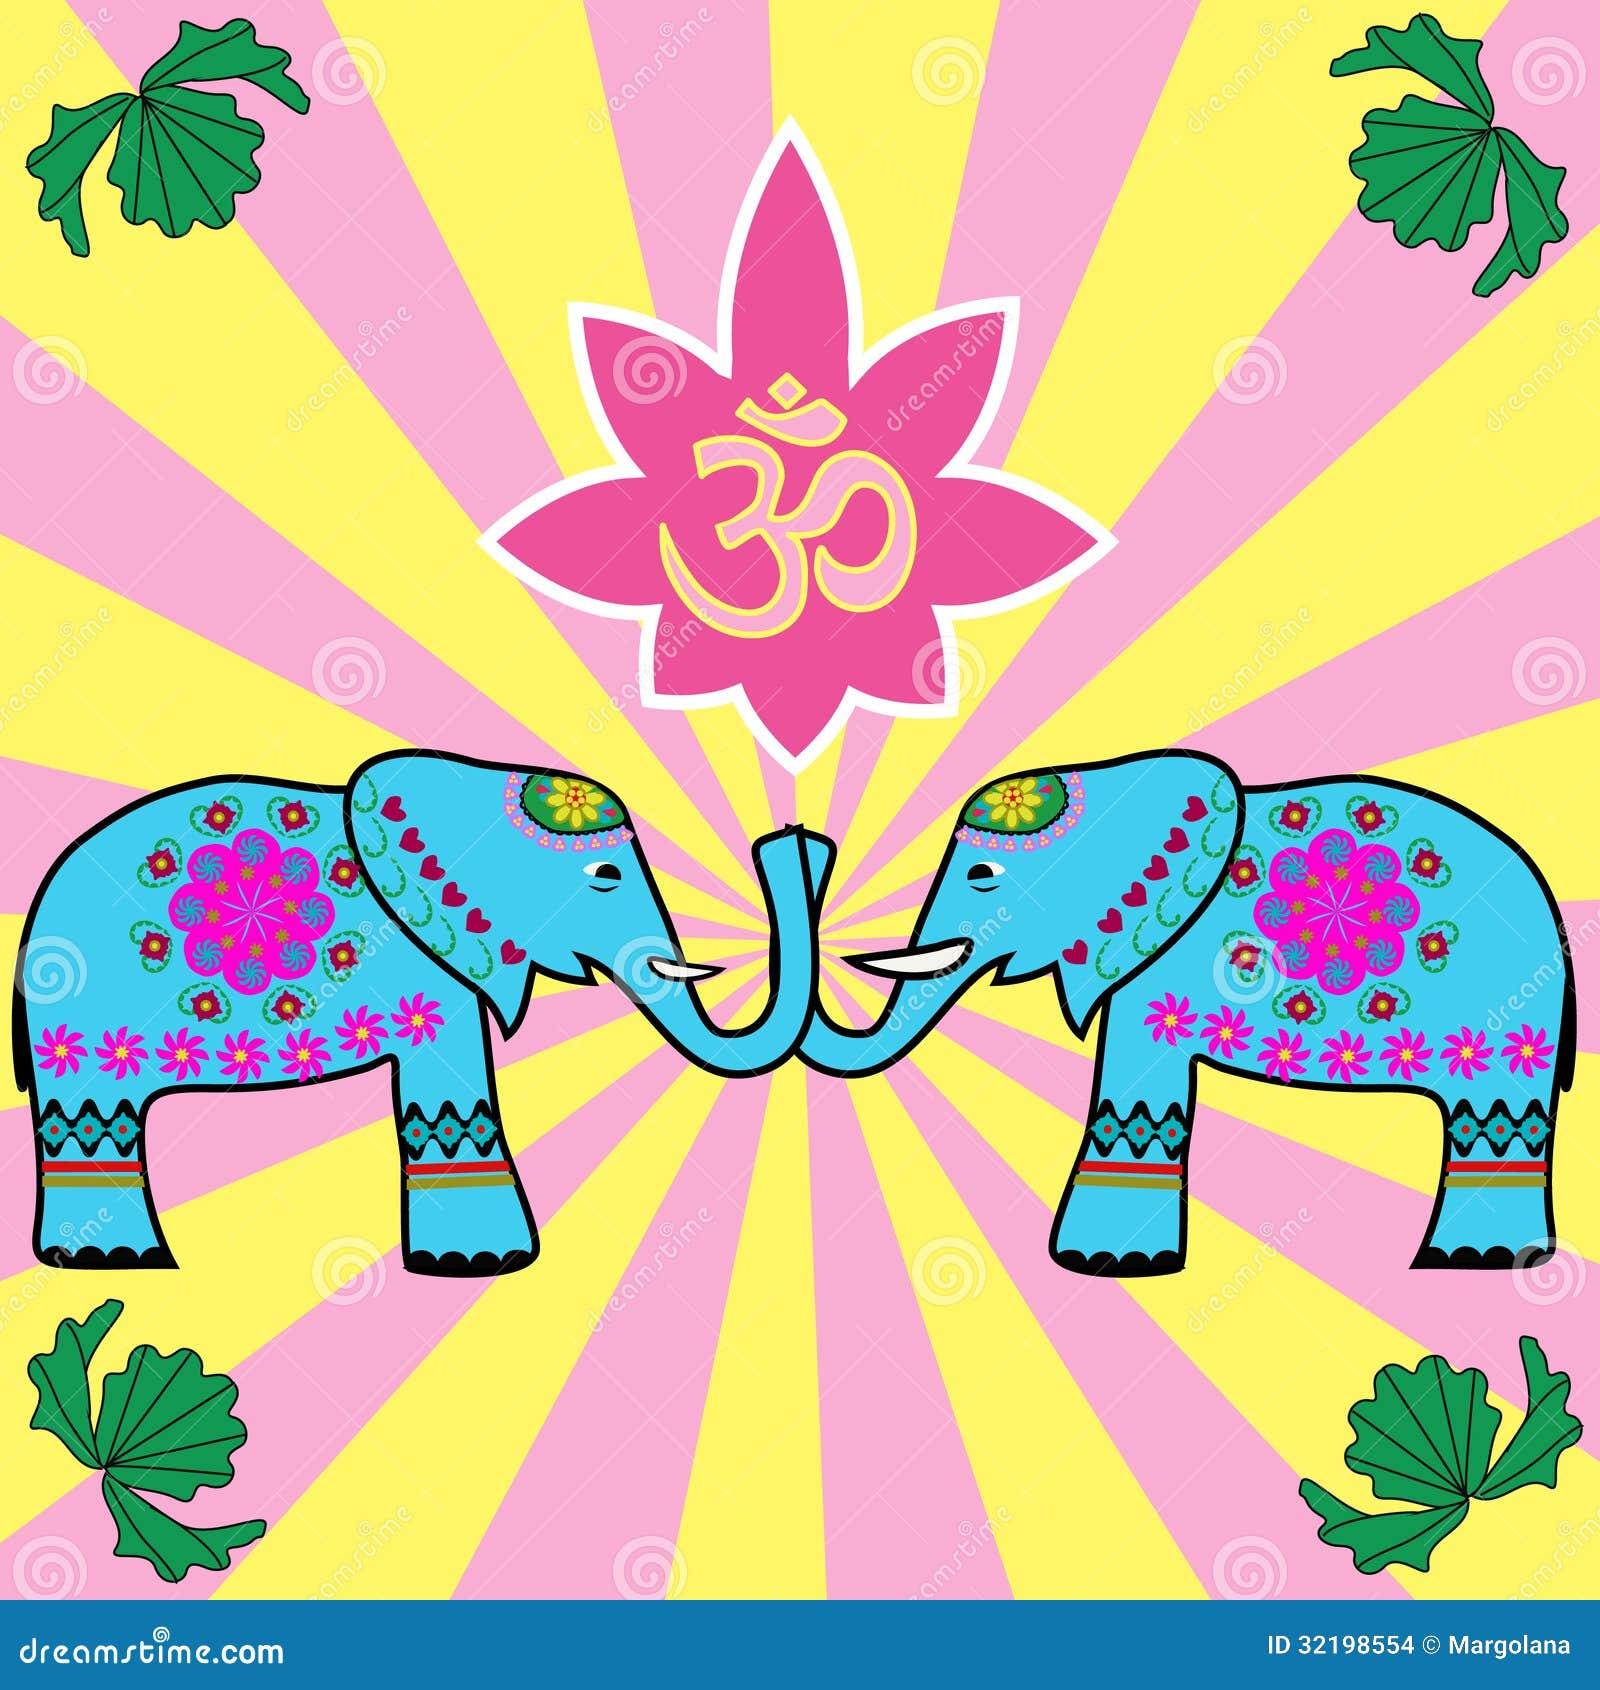 Indian elefants and OM sign background